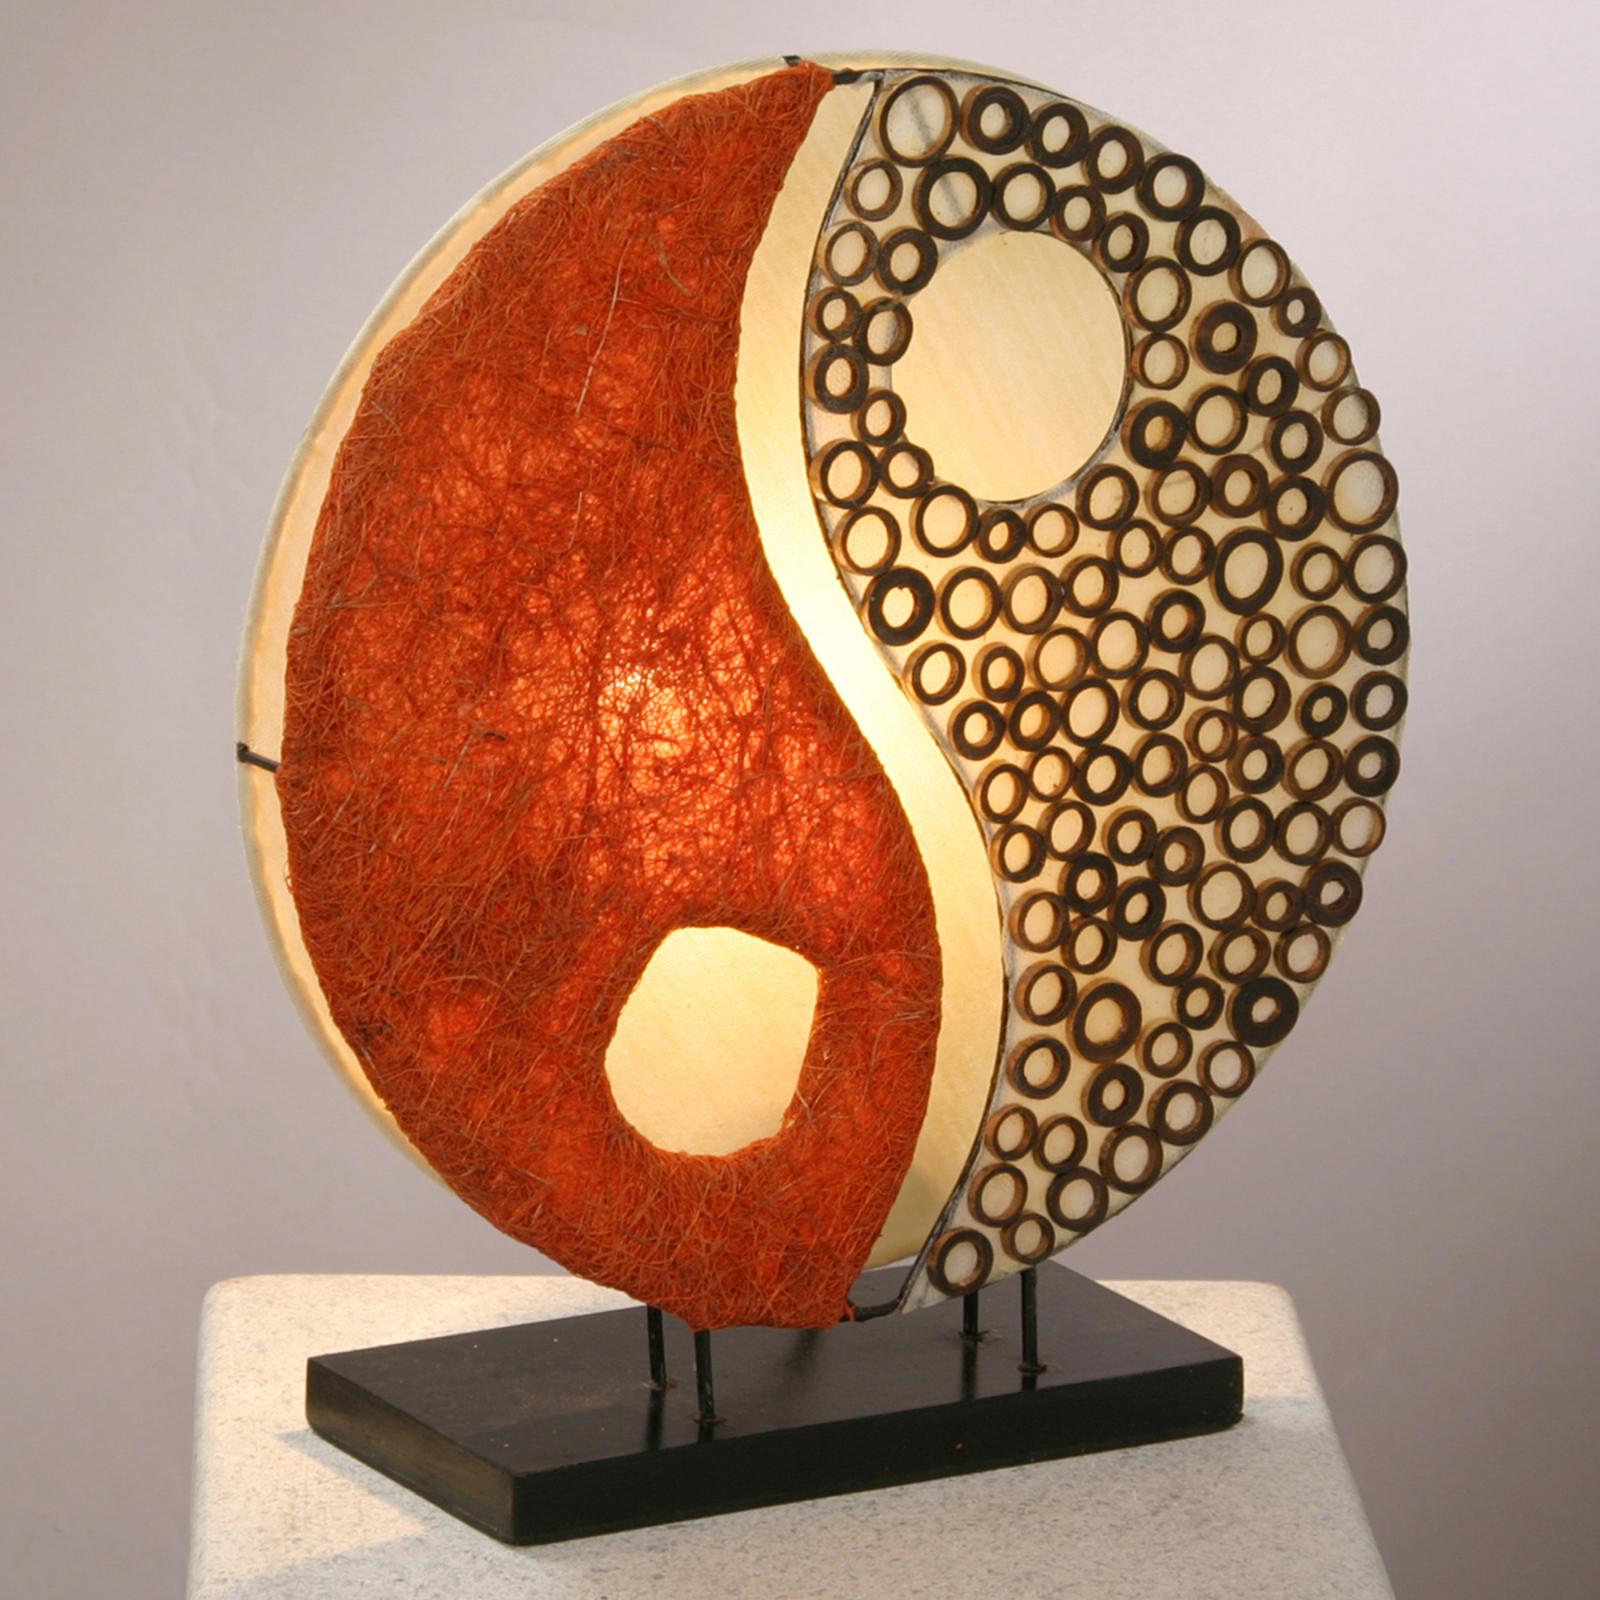 Pöytälamppu Ying Yang puujalka 33 cm